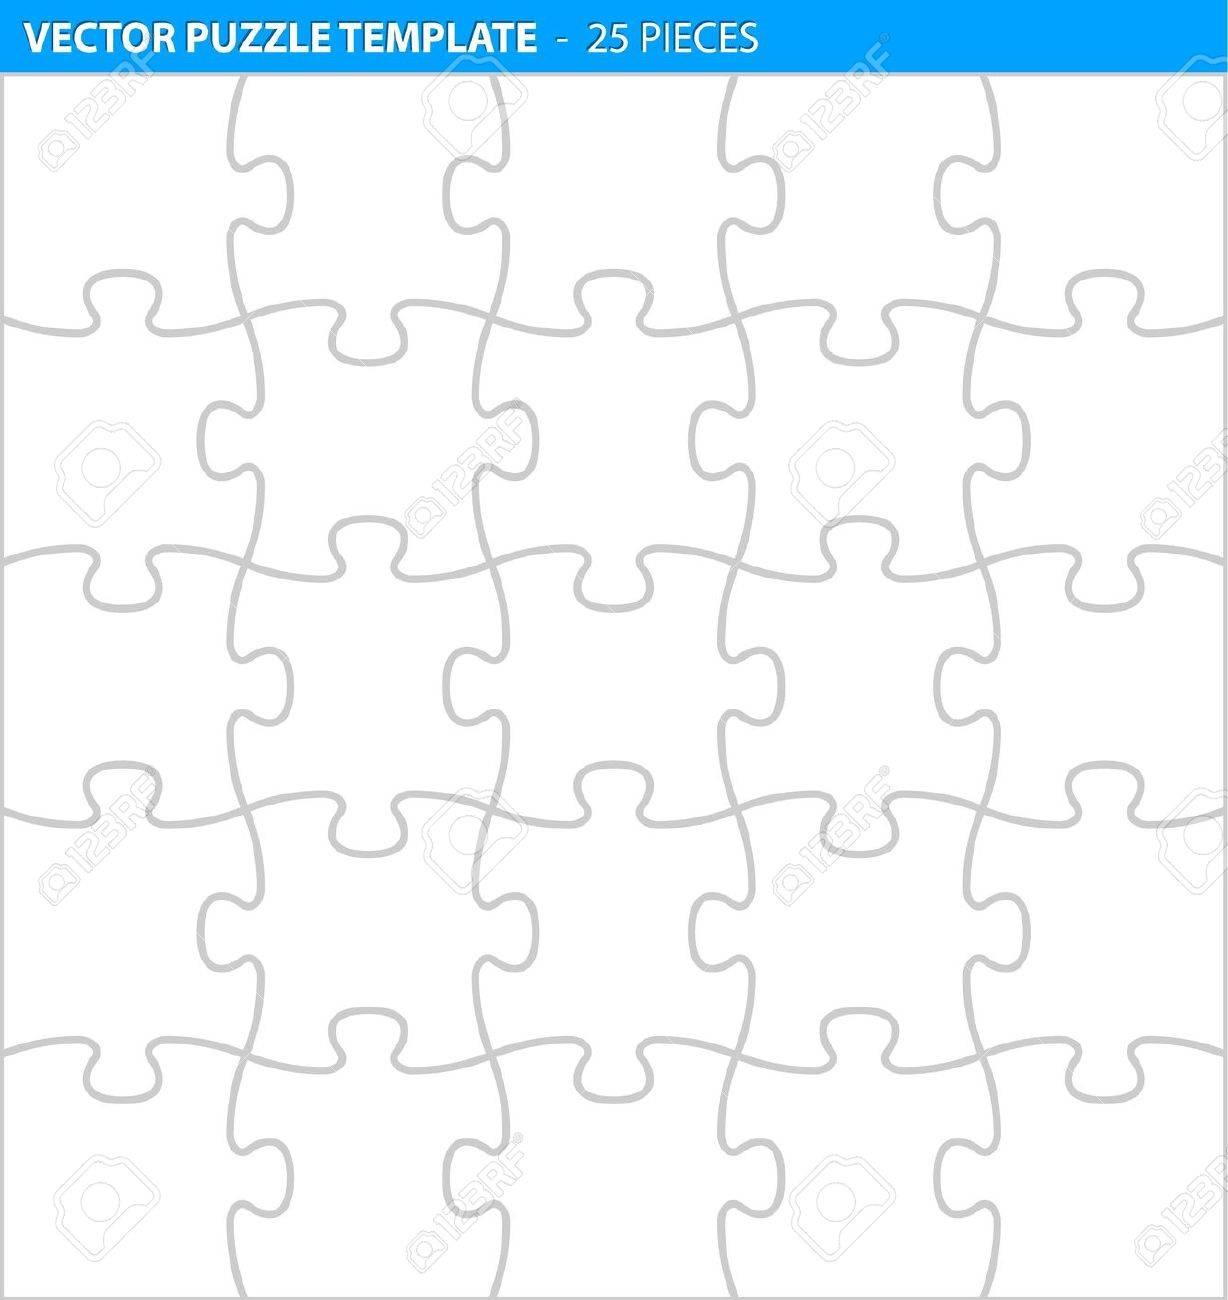 Erfreut Puzzle Vorlage Zum Ausdrucken Bilder - Beispiel ...